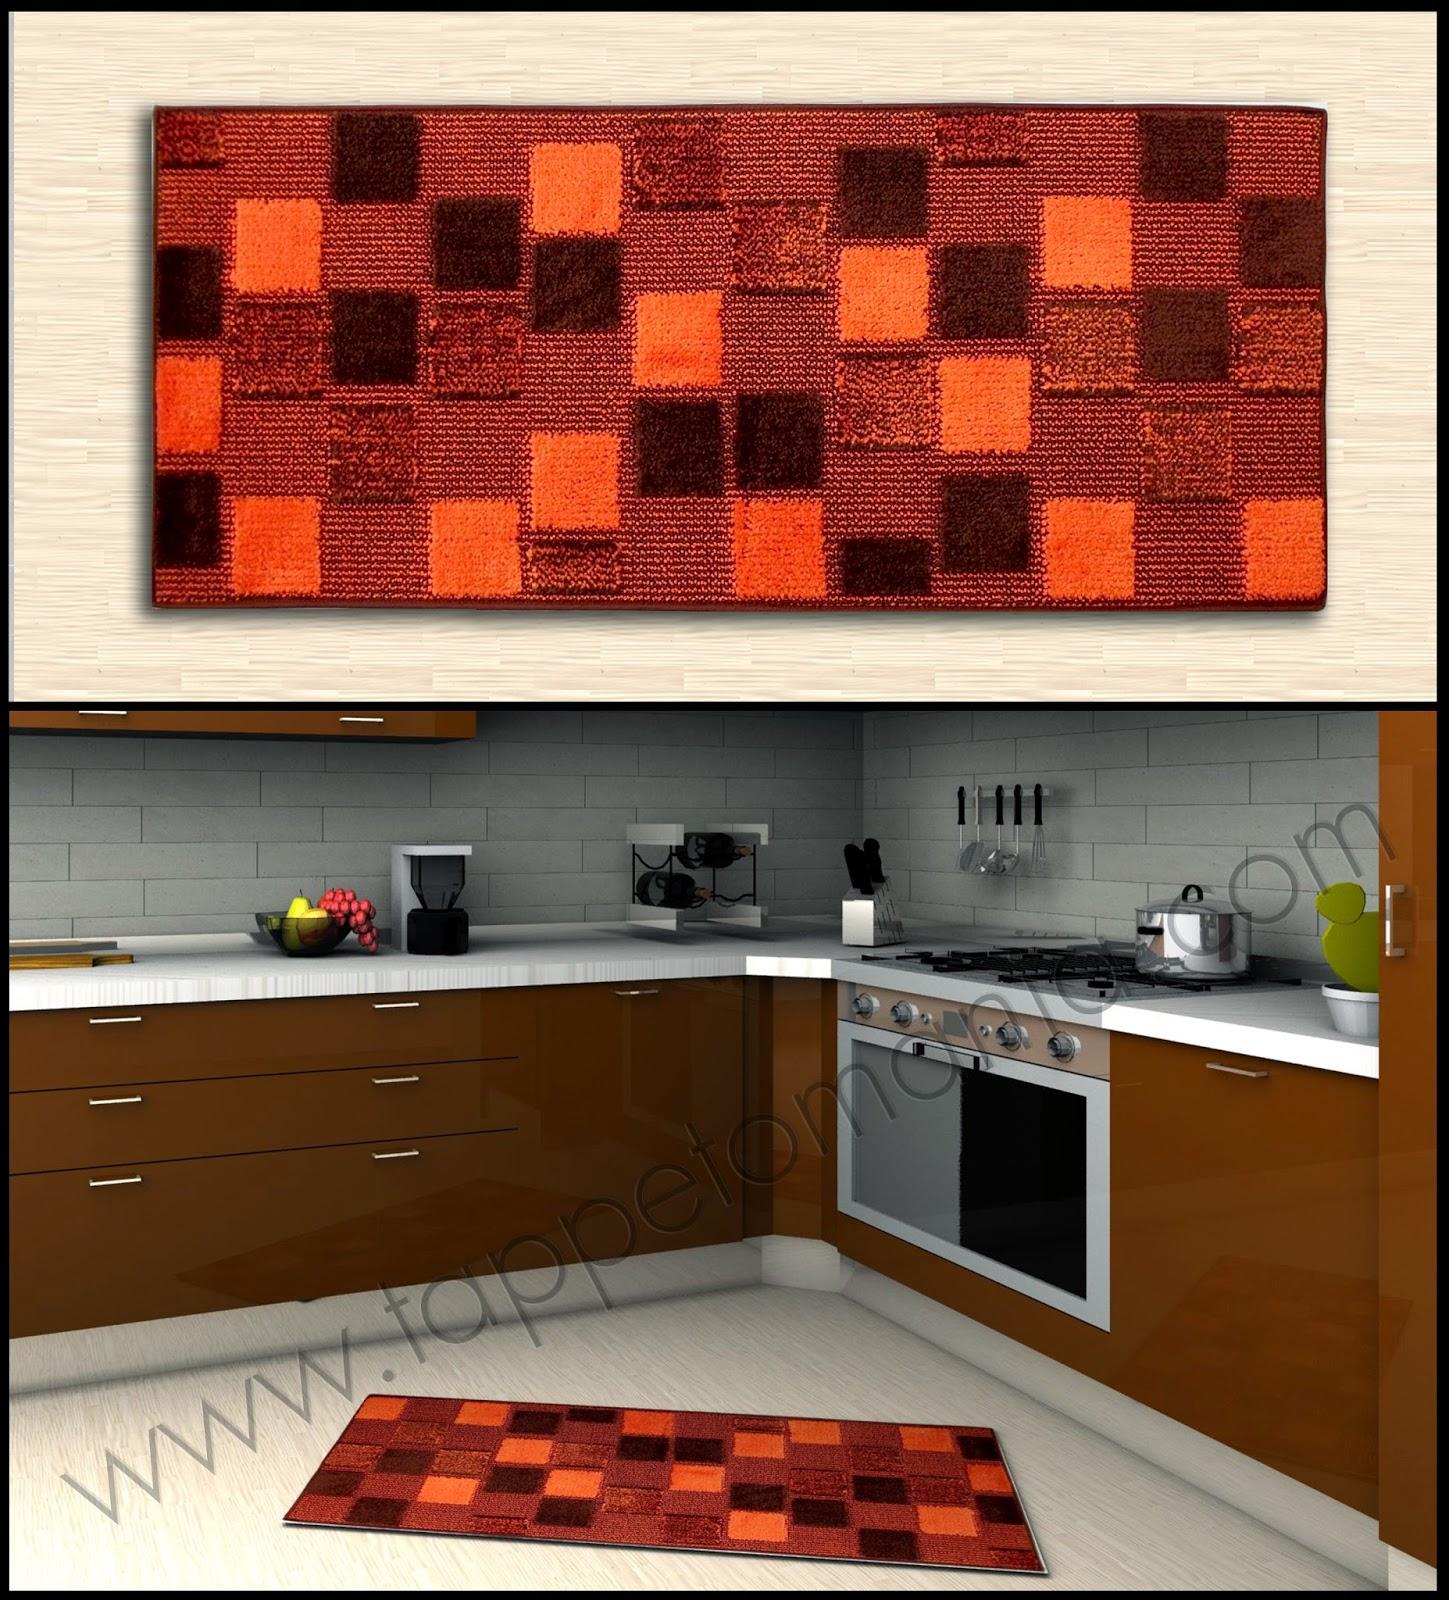 Tappeti cucina colore arancione tappeti tappeti cucina for Tappeti x cucina moderni